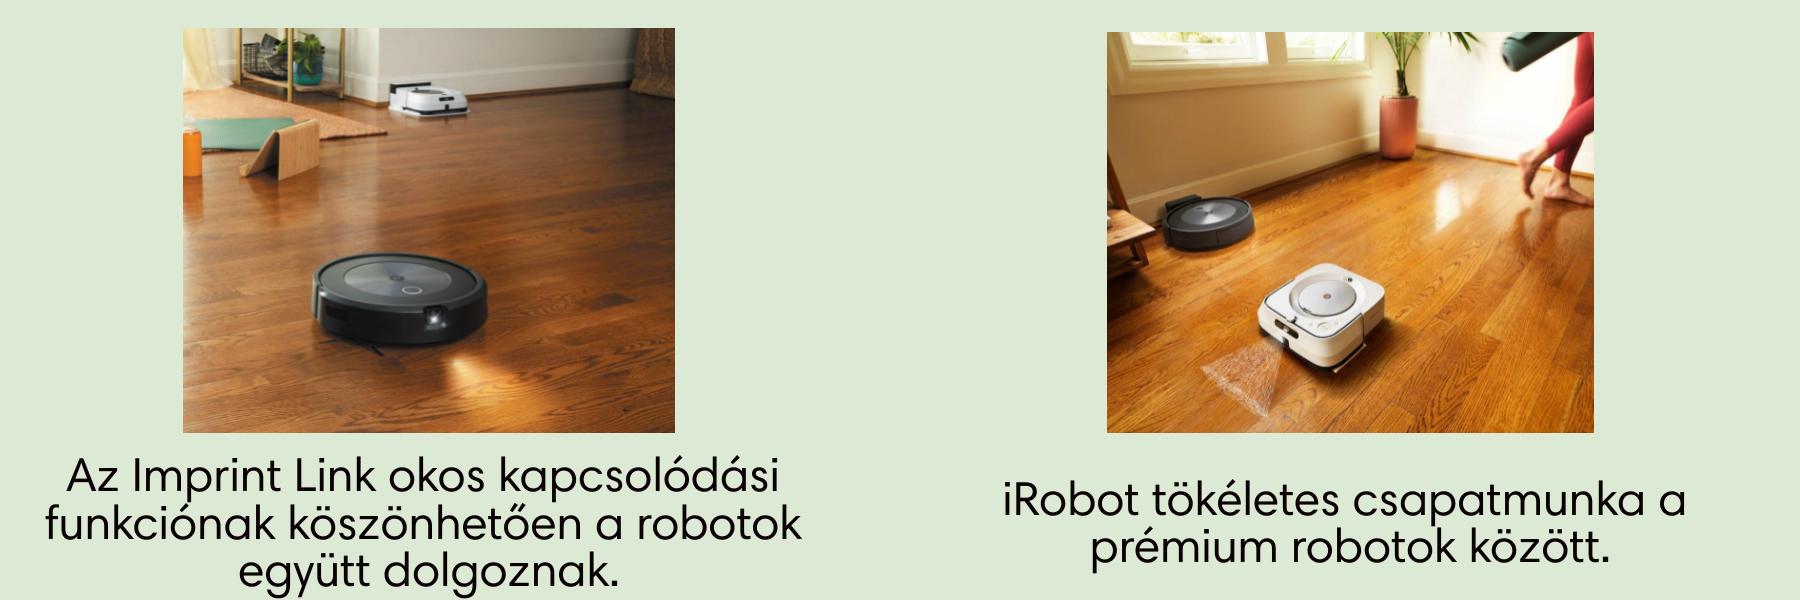 Az egyedülálló Imprint ™ Link, kapcsolódási és feltérképezési funkció. iRobot tökéletes csapatmunka a prémium robotok között.